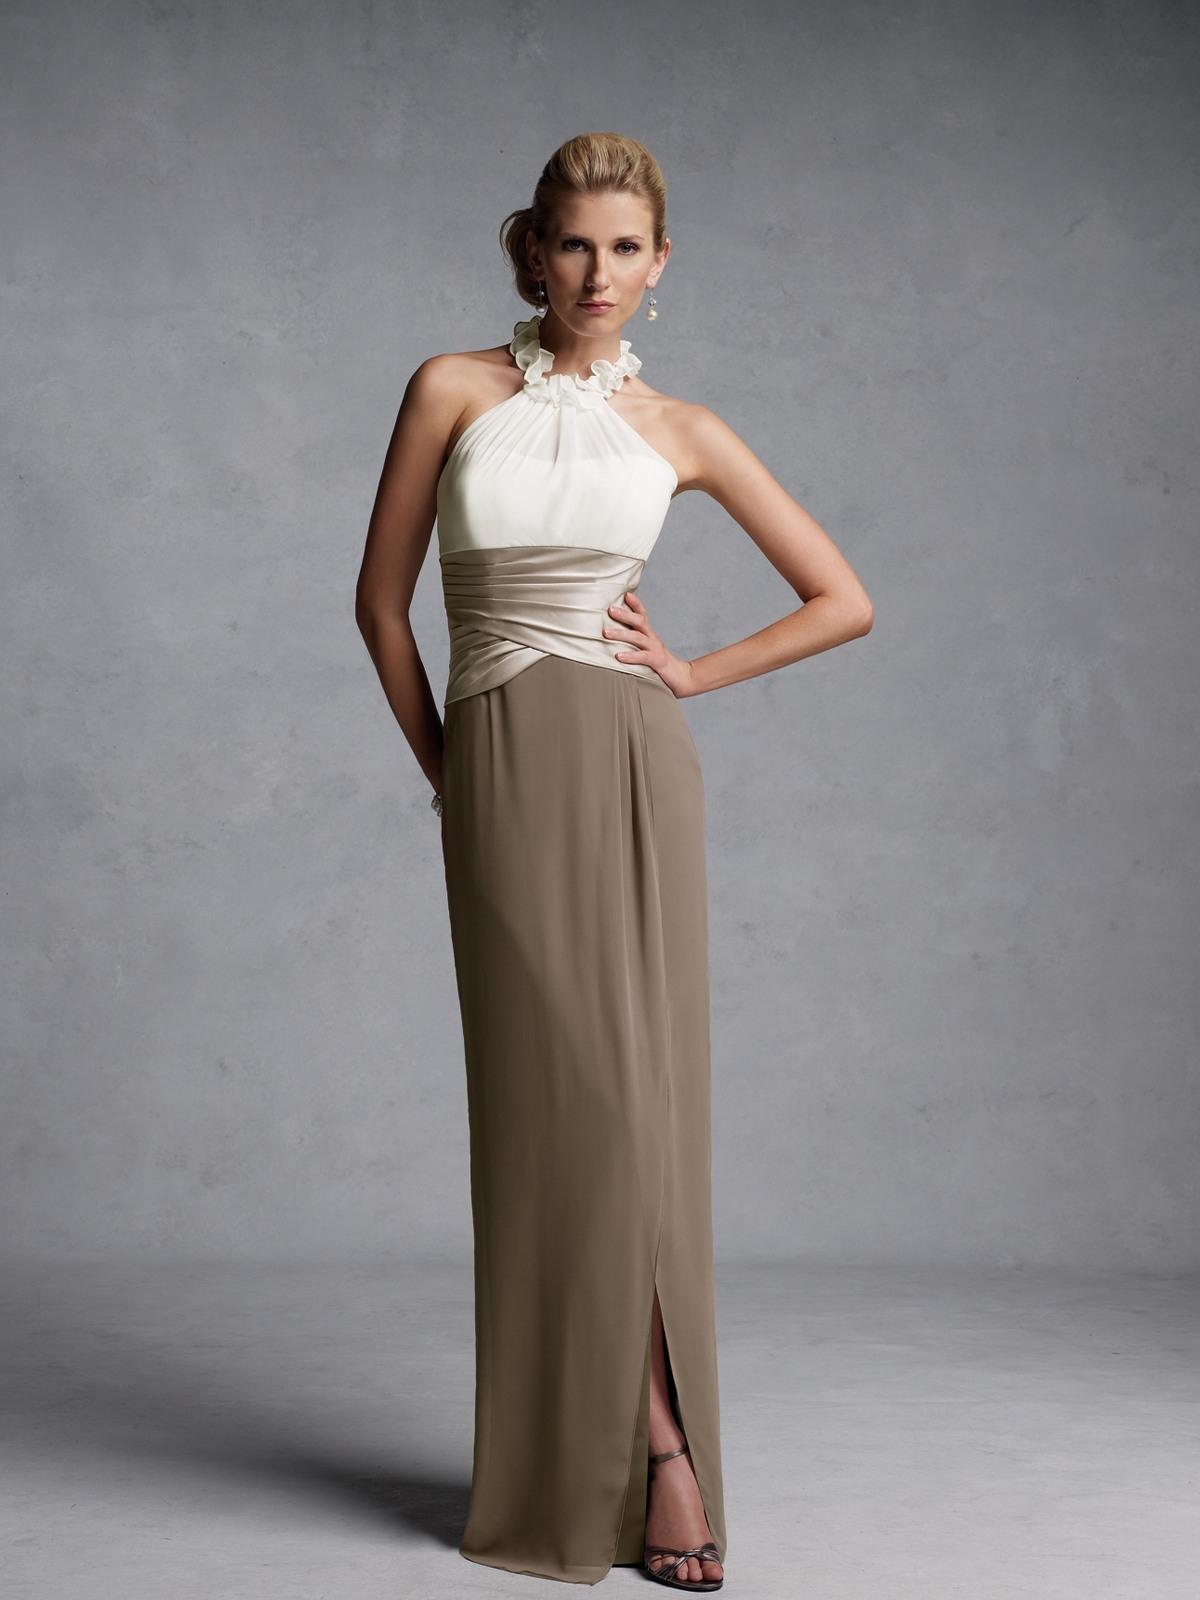 10 Schön Neckholder Abendkleid Vertrieb Genial Neckholder Abendkleid Ärmel